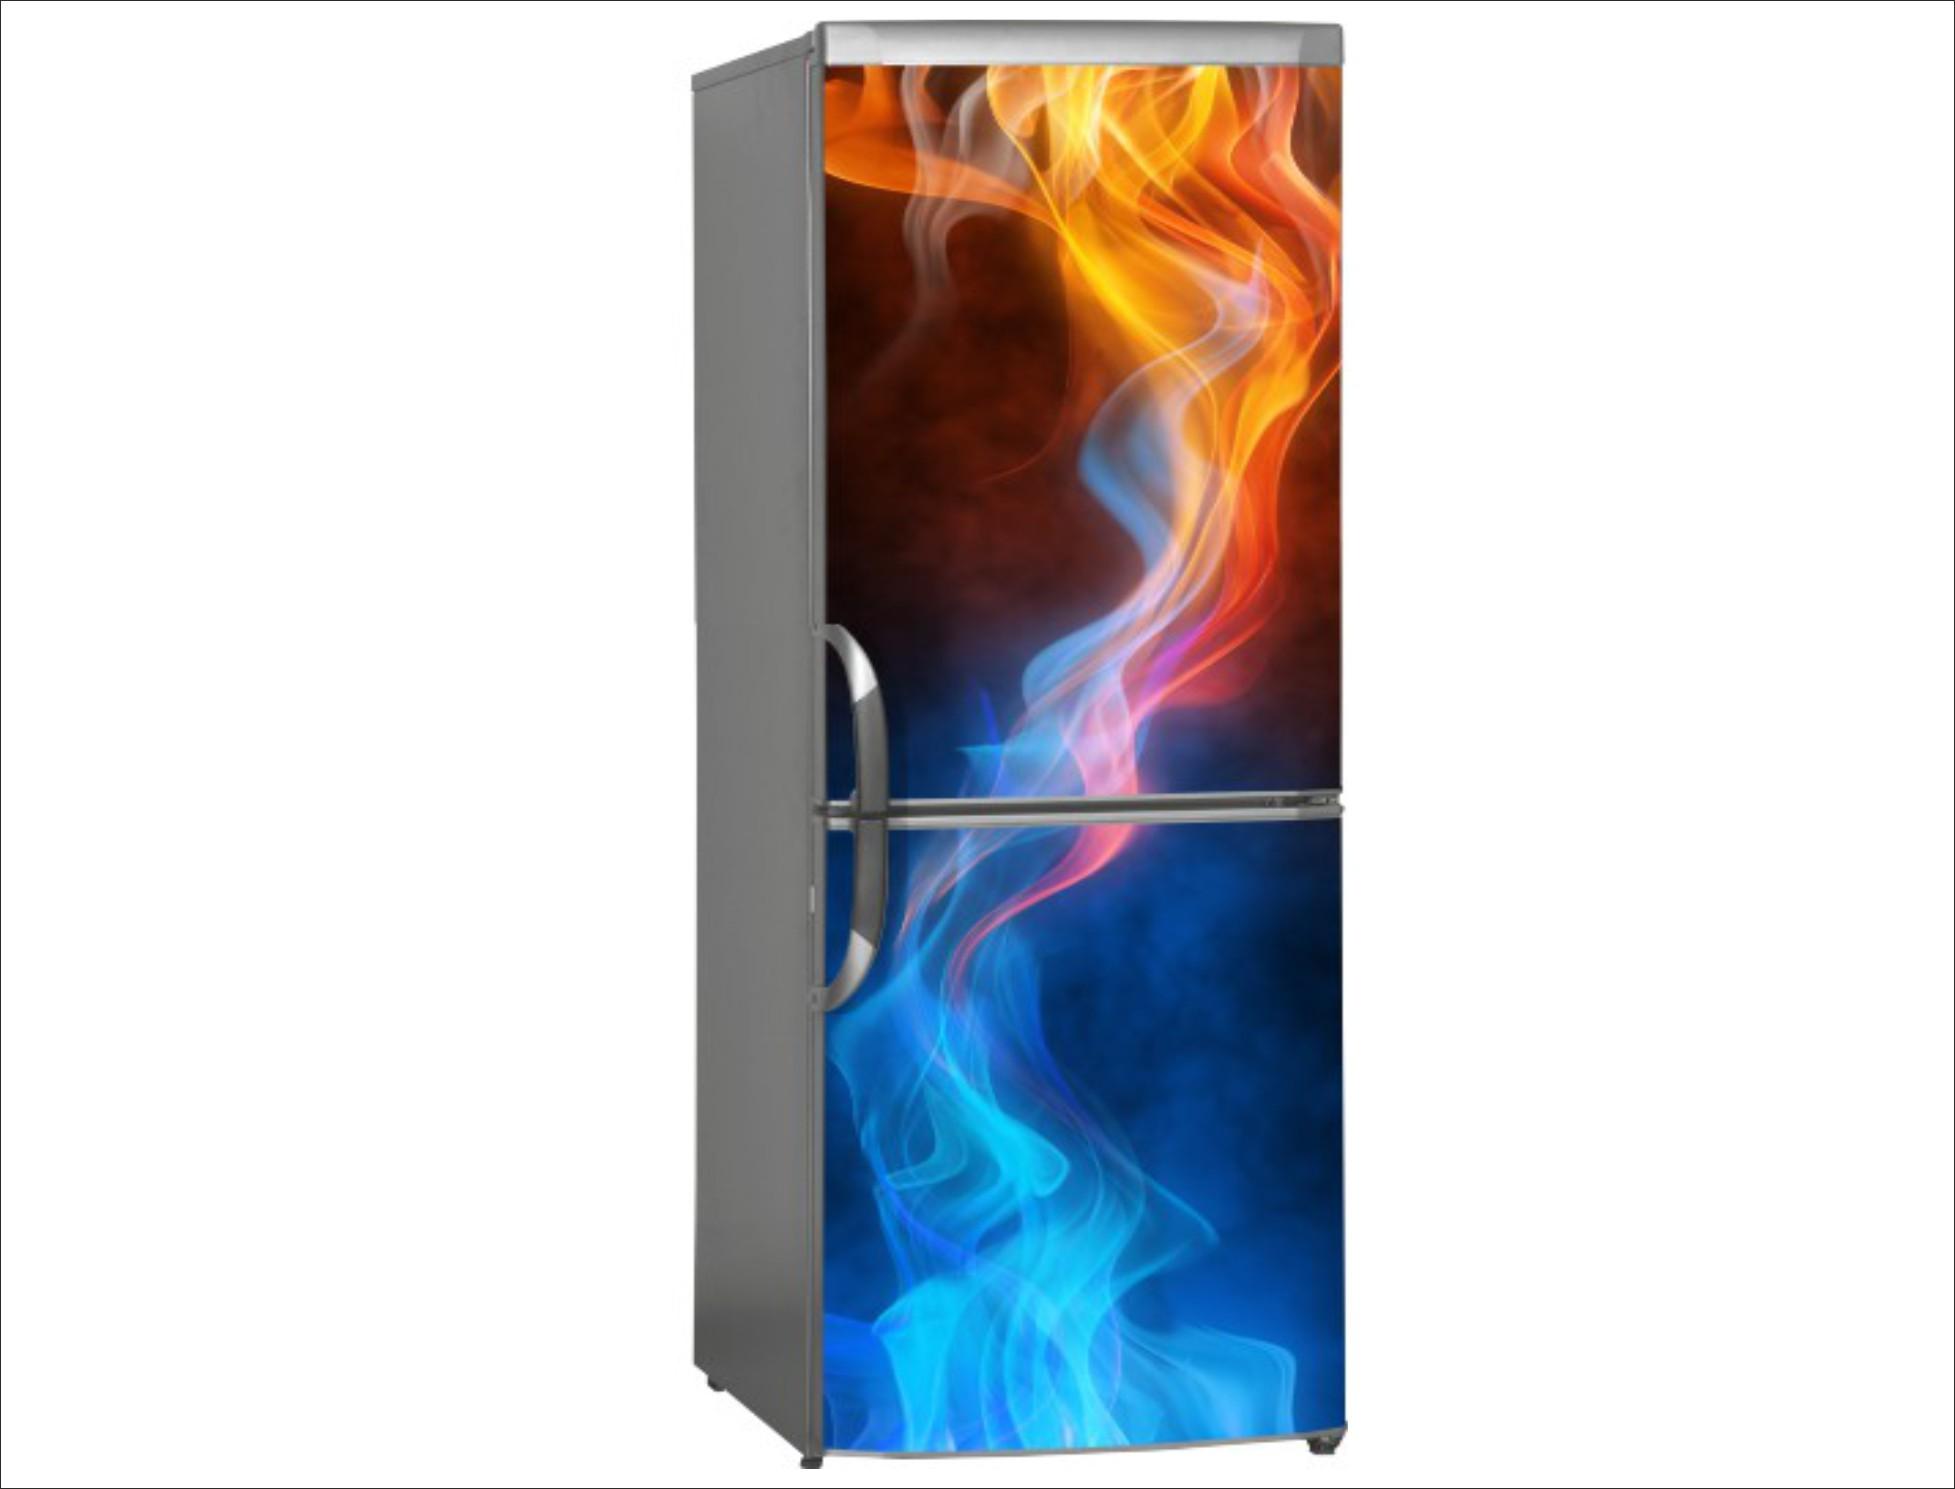 Magnetová magnetická rohož na chladničku